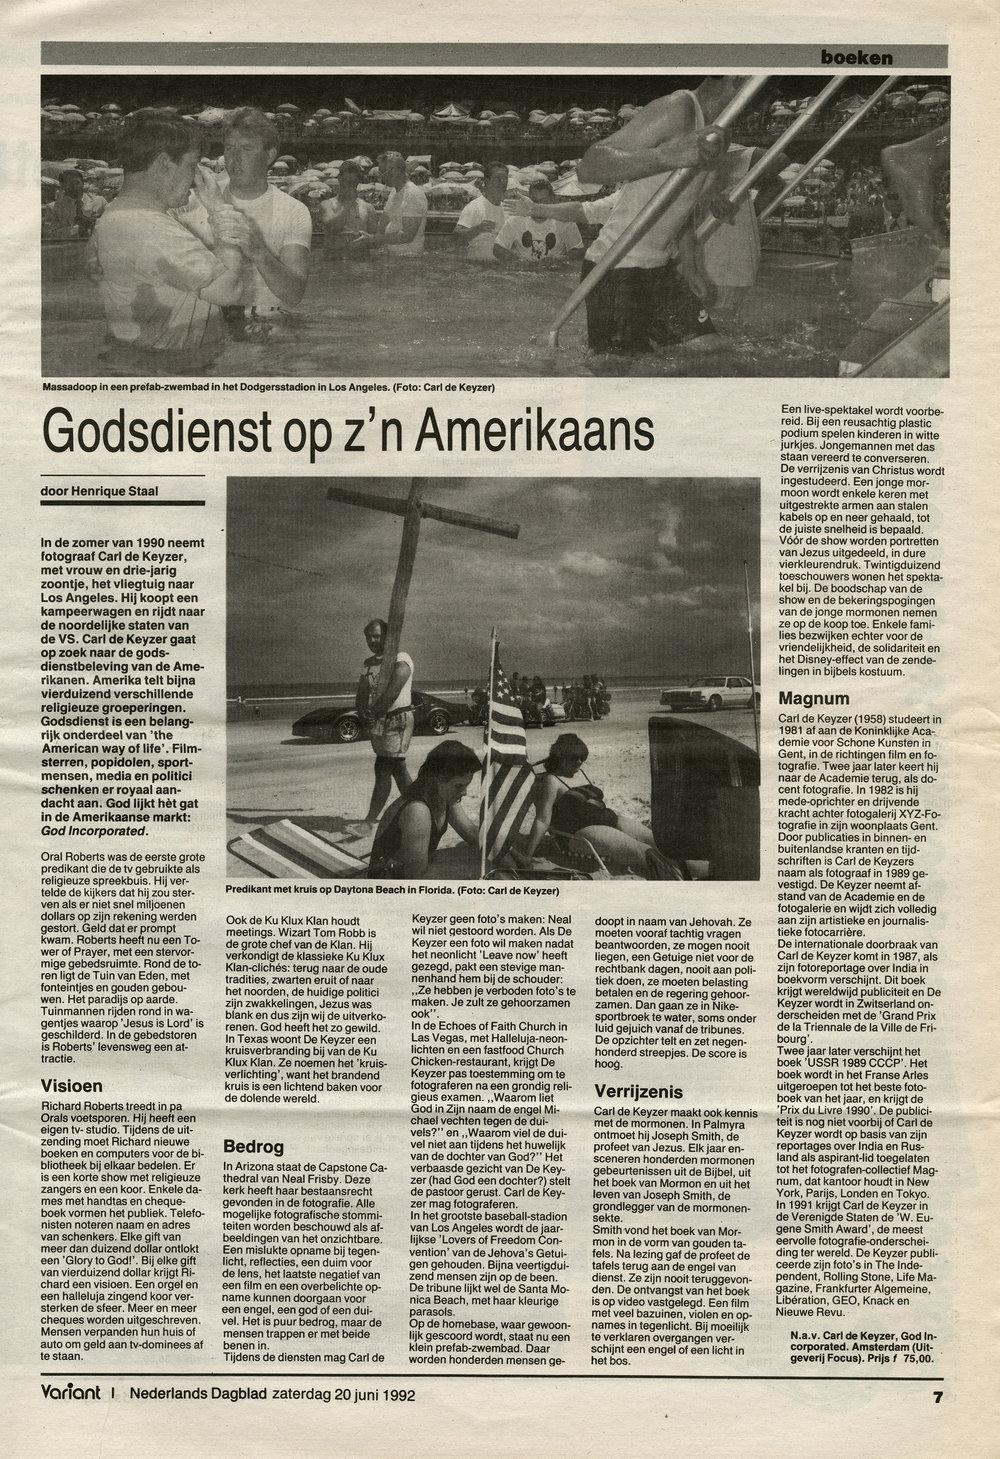 Nederlands Dagblad (God, Inc.)